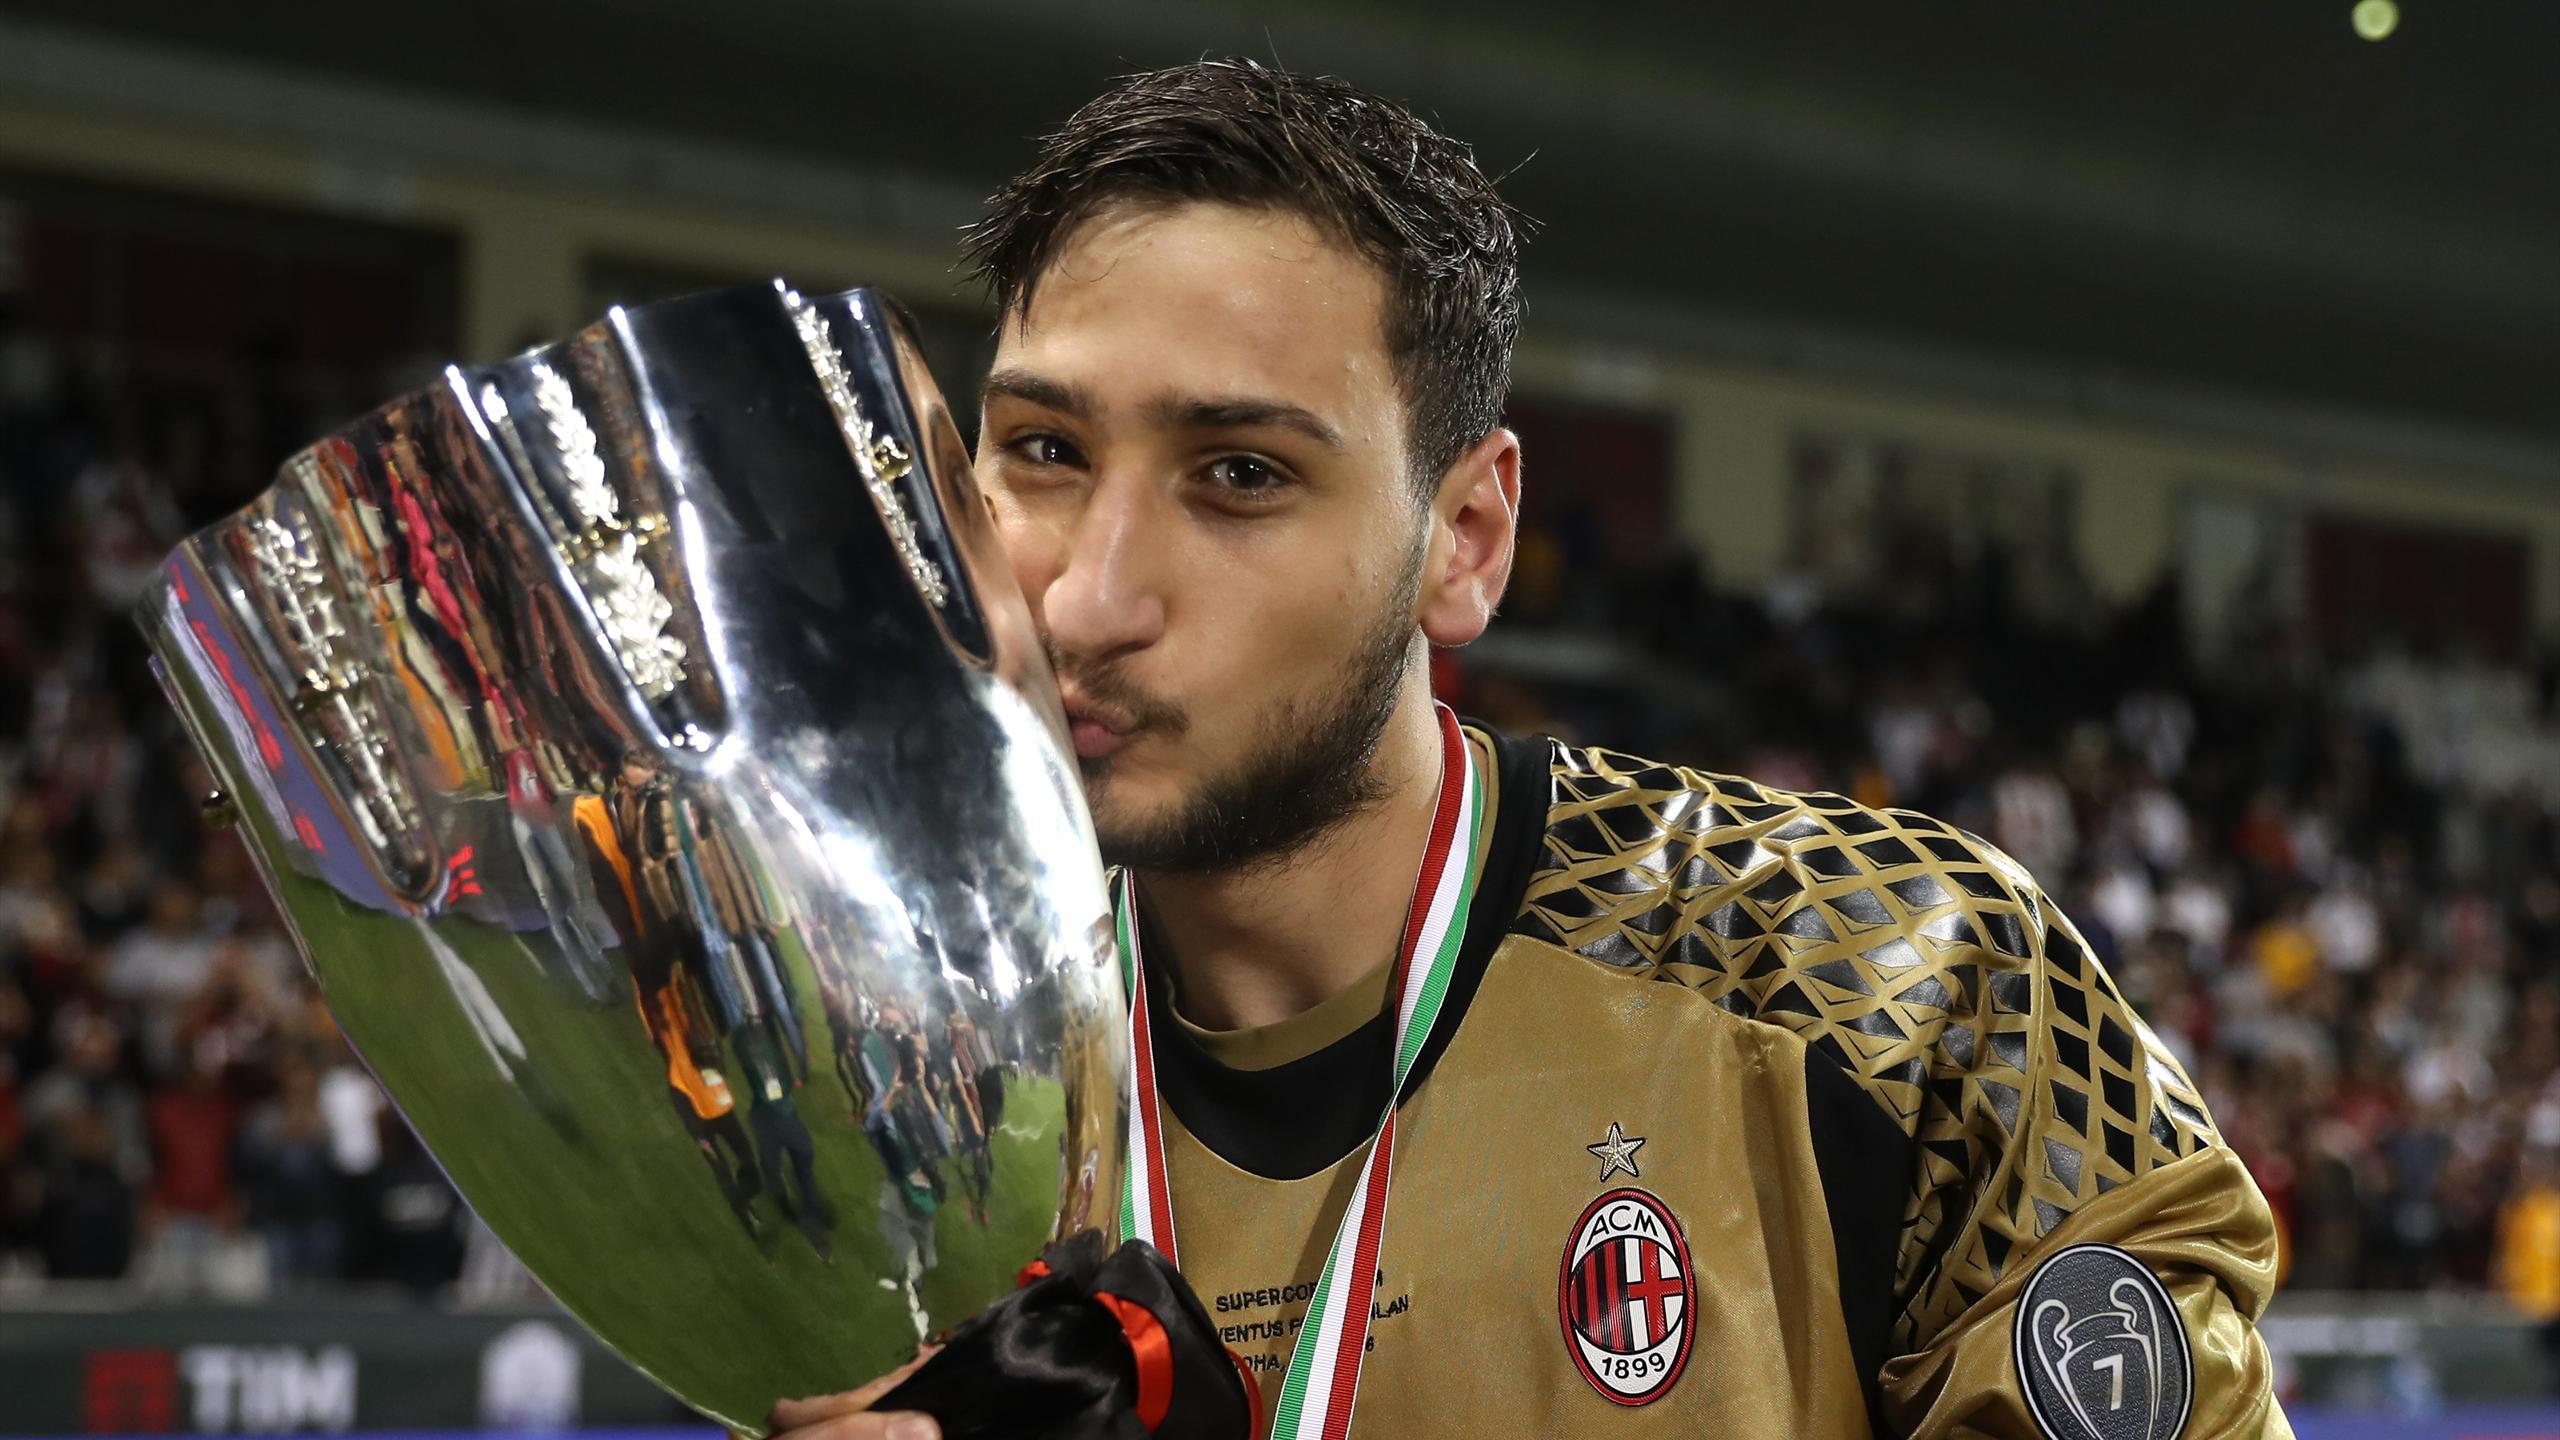 Maglia Home AC Milan vesti